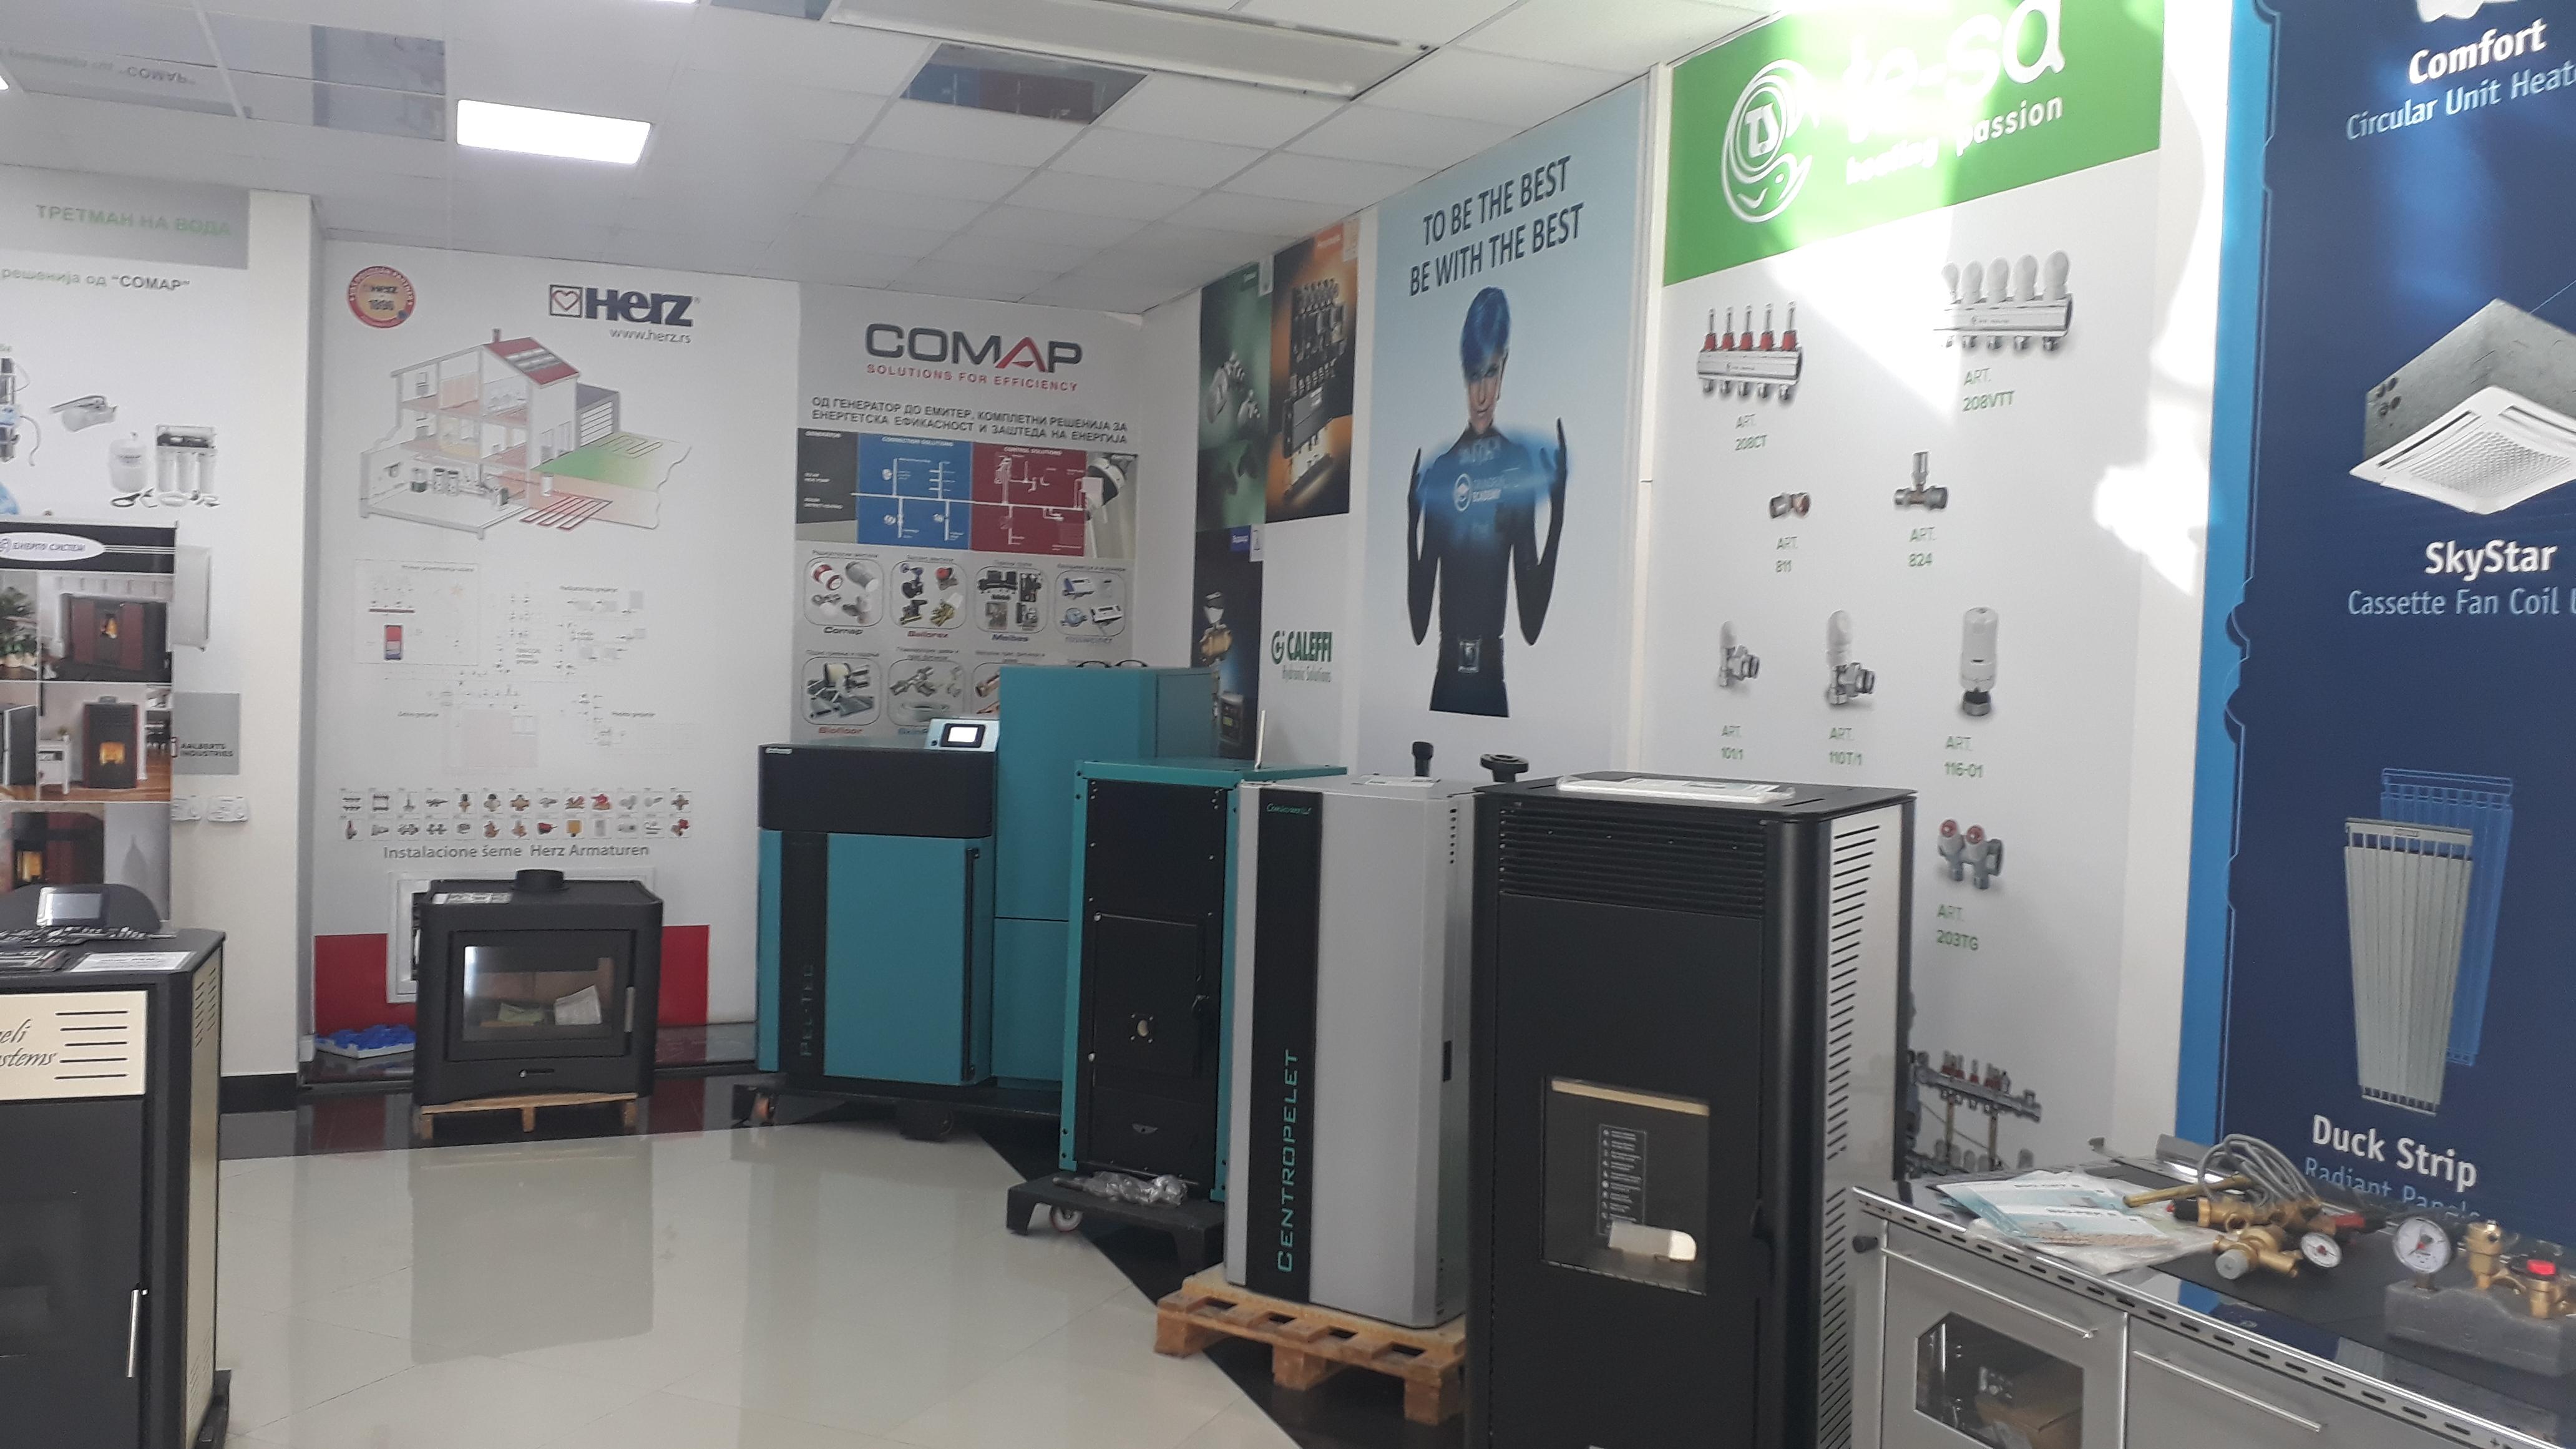 ЕНЕРГО СИСТЕМ  - лидер на пазарот за HVAC системи во дрзавава